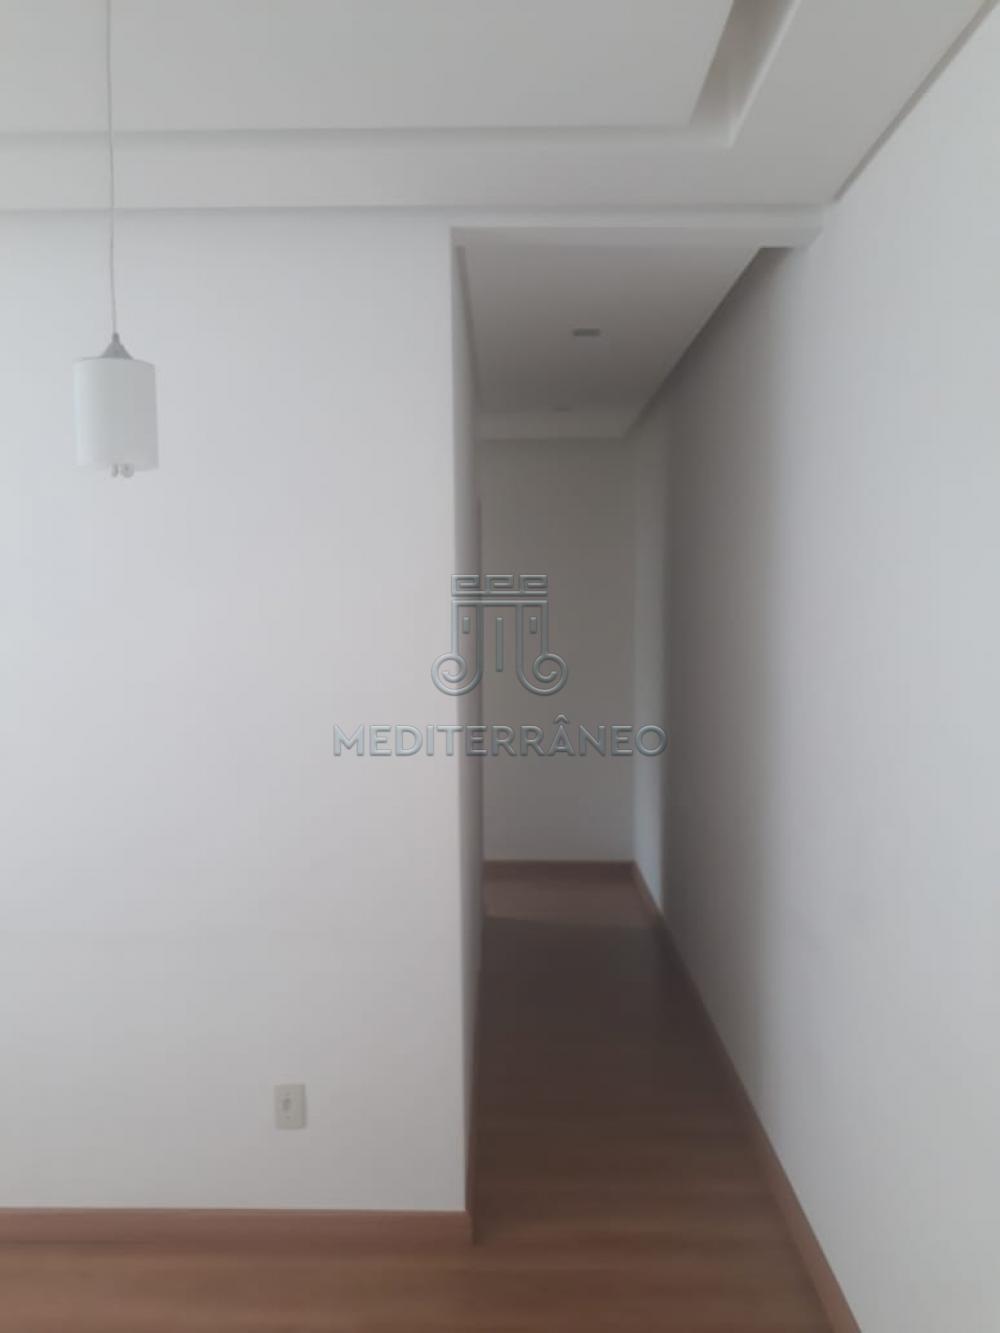 Comprar Apartamento / Padrão em Jundiaí apenas R$ 225.000,00 - Foto 5